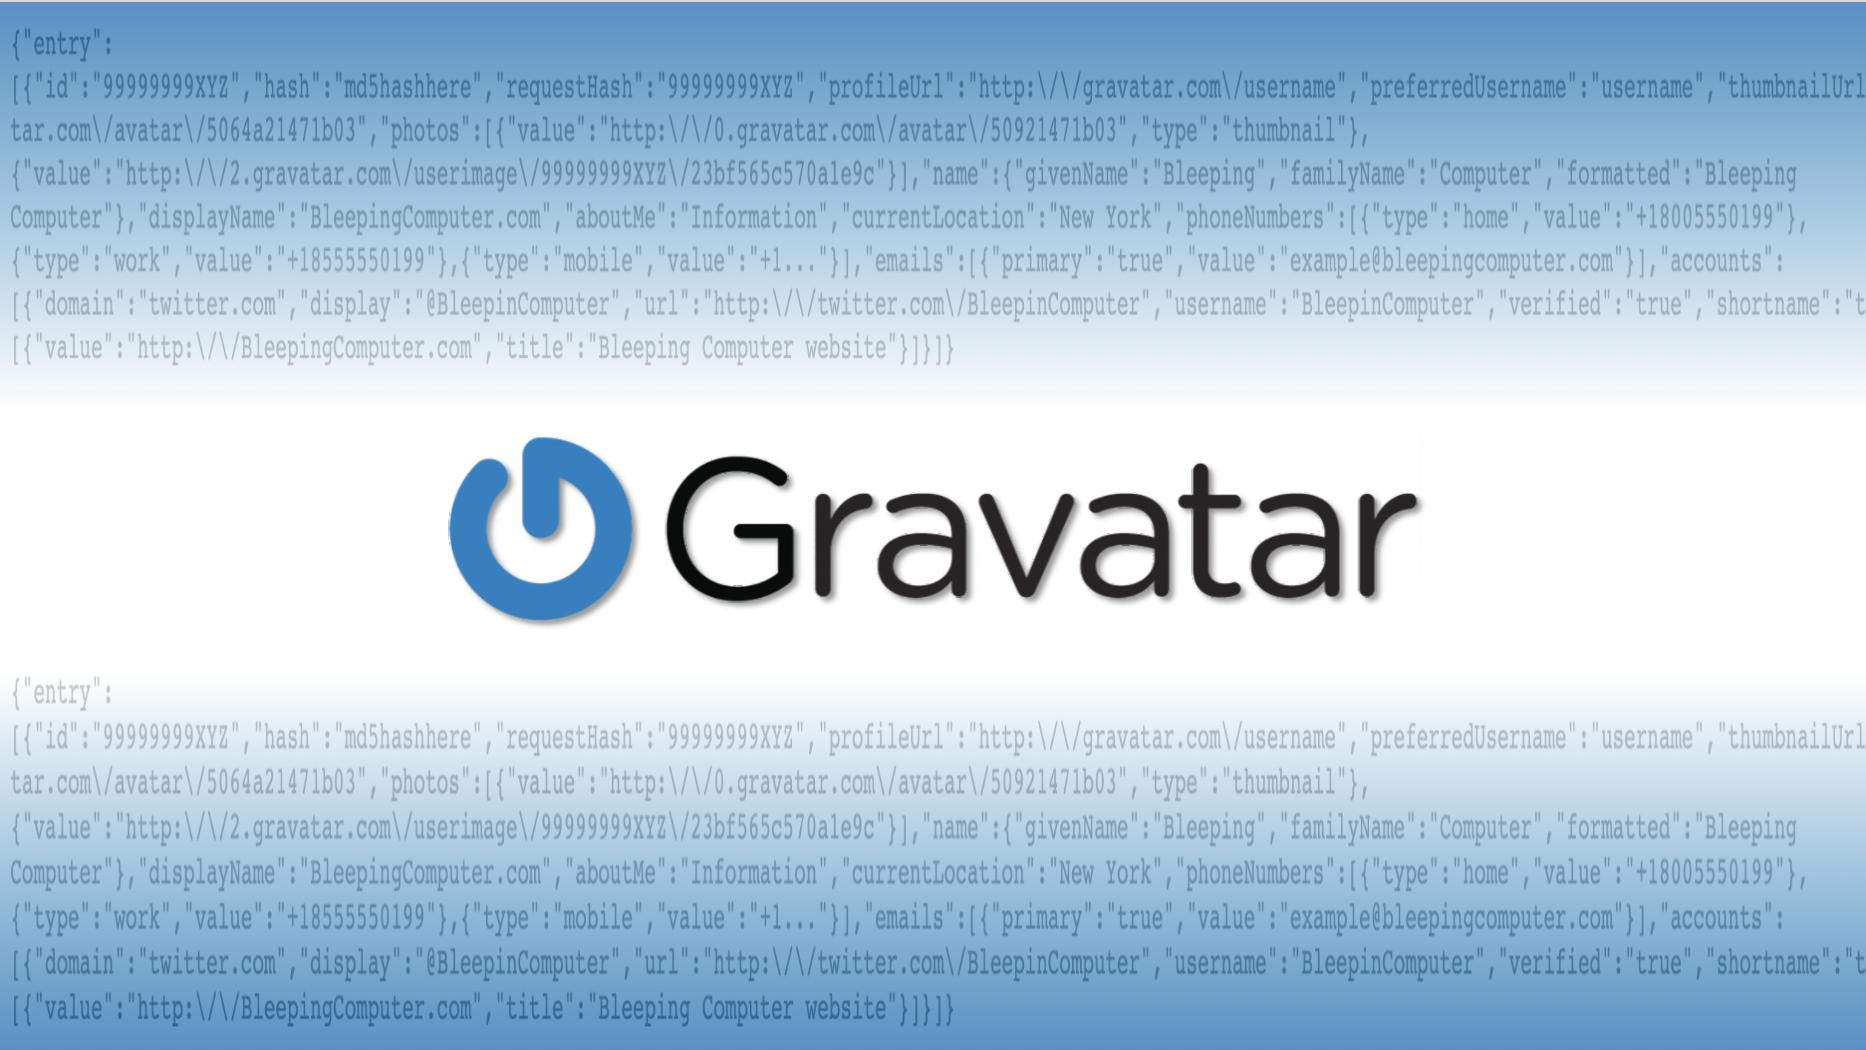 Online avatar service Gravatar allows mass collection of user info - RapidAPI